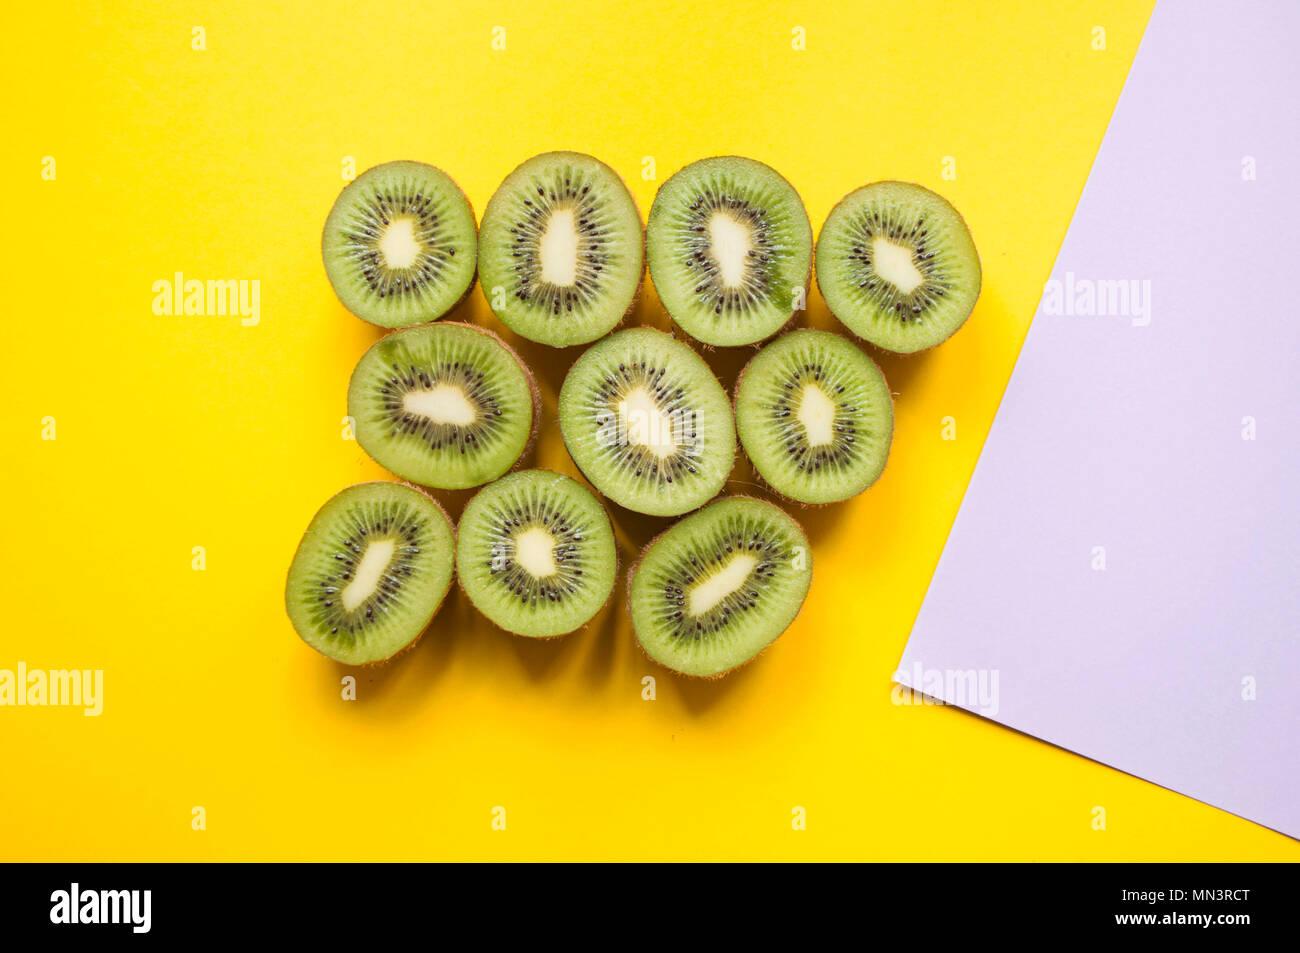 Many halves of kiwi fruit on bright yellow background. - Stock Image